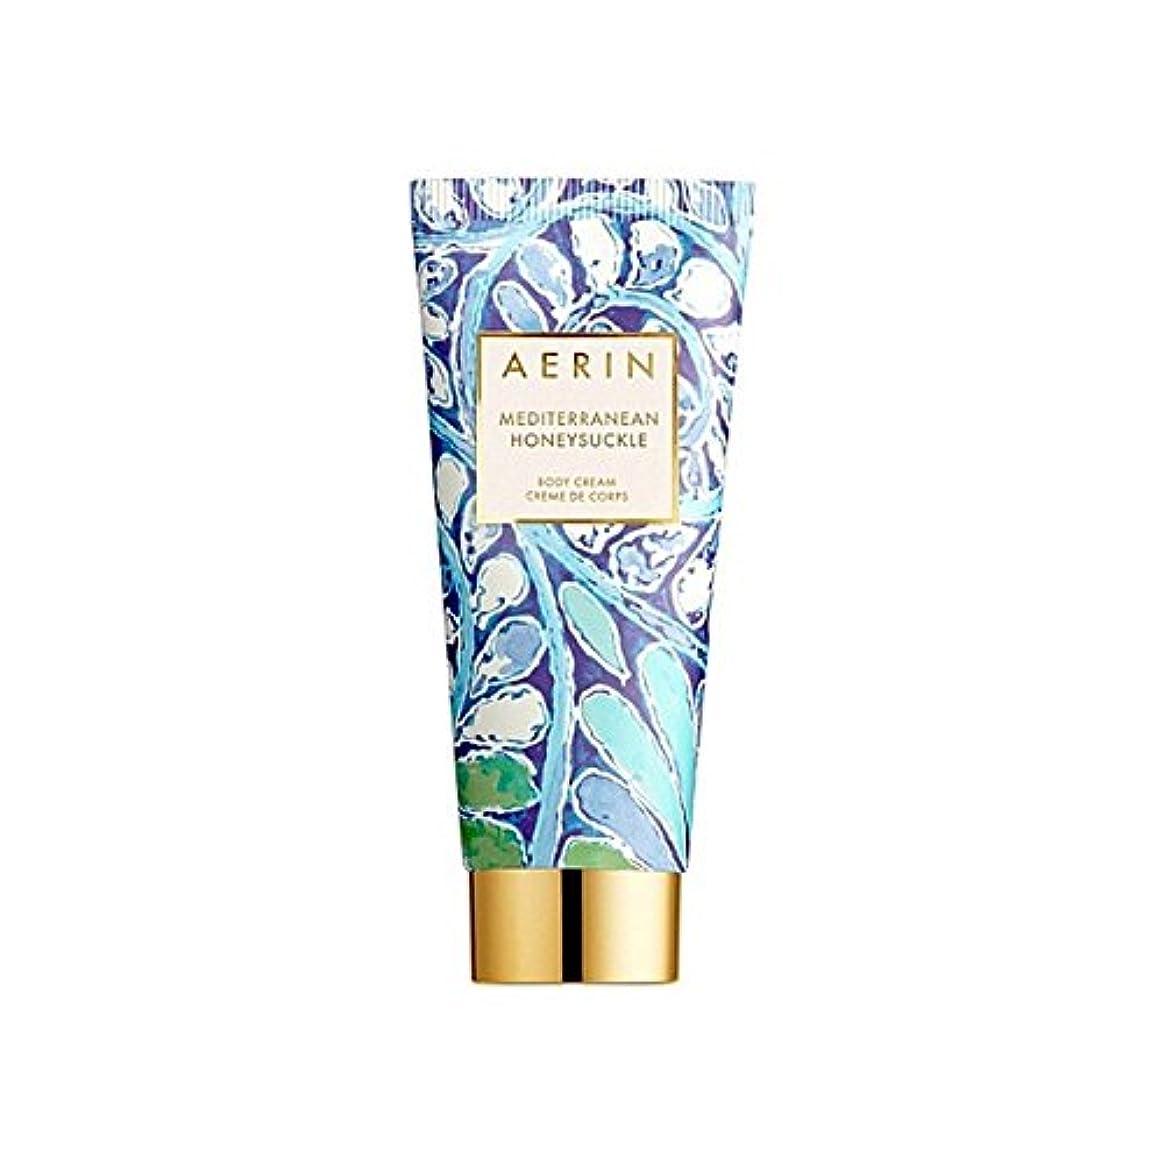 モンスター先駆者ホイストスイカズラボディクリーム150ミリリットル x4 - Aerin Mediterrenean Honeysuckle Body Cream 150ml (Pack of 4) [並行輸入品]